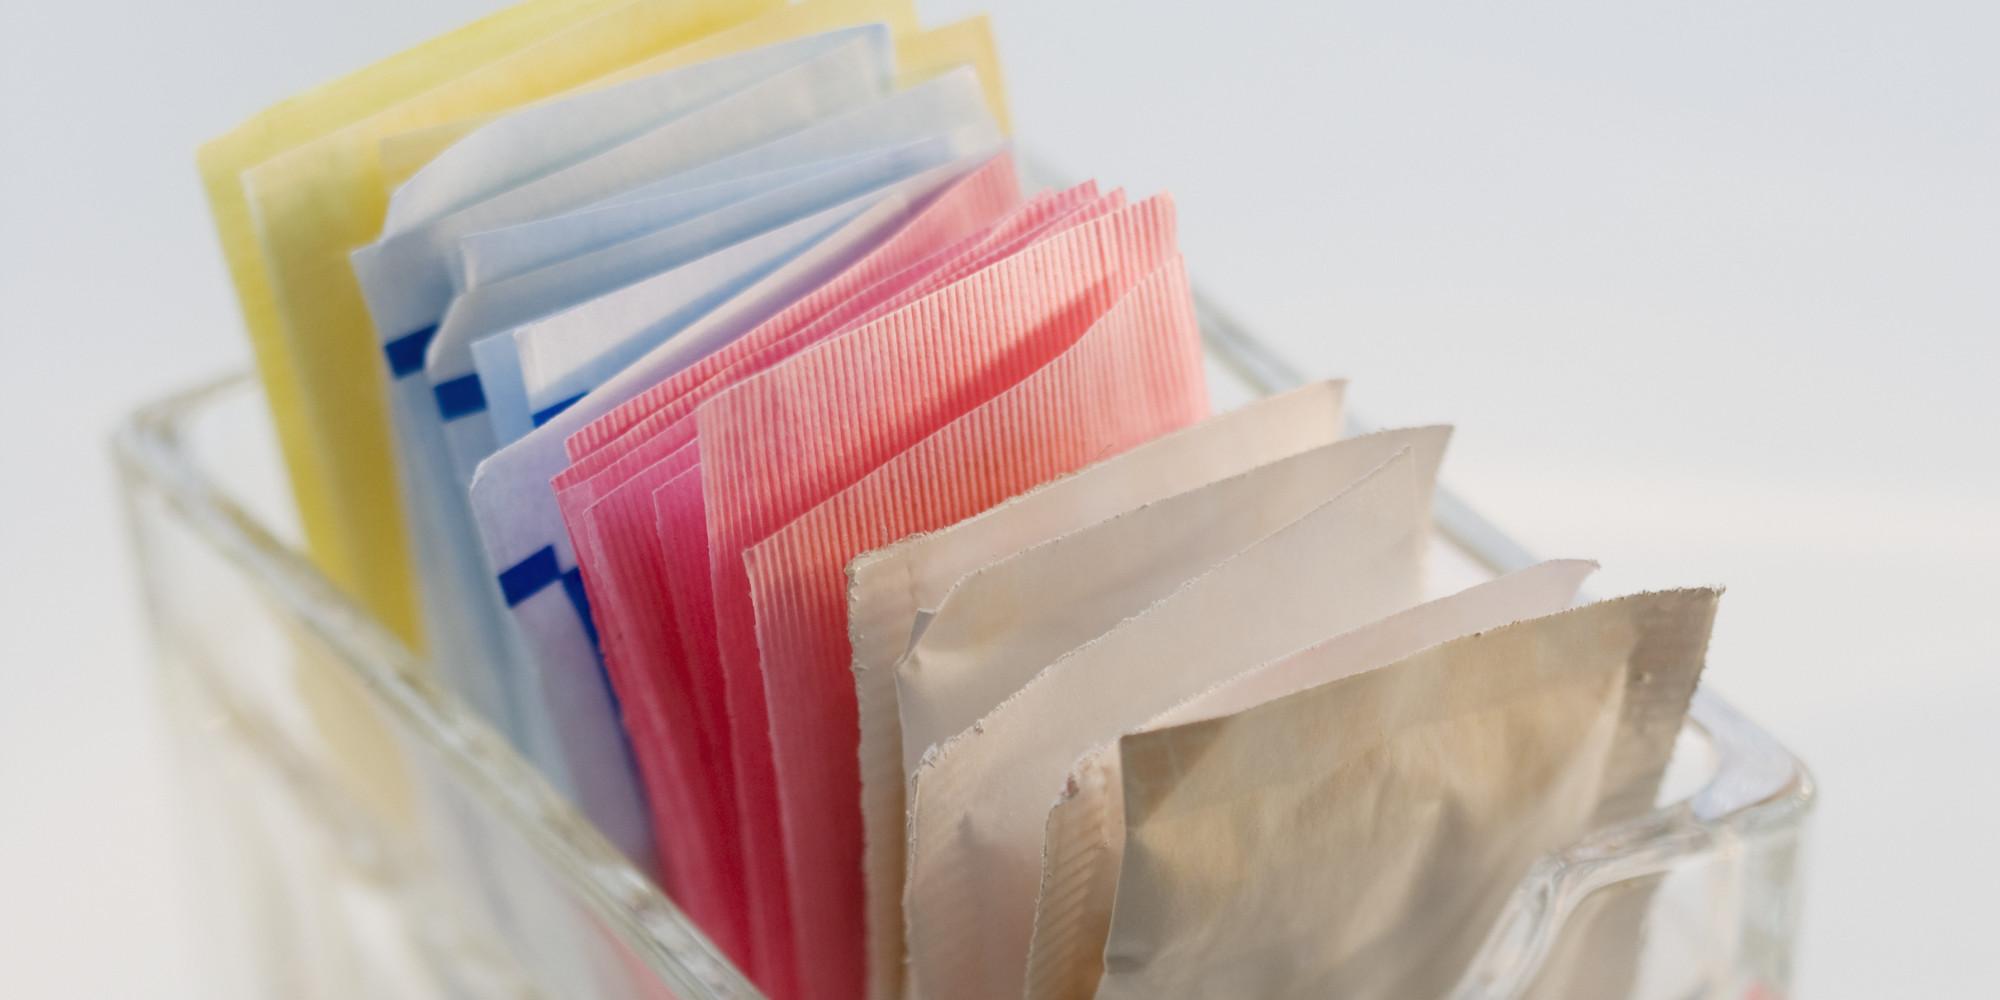 kunstmatige zoetstoffen dikmakers